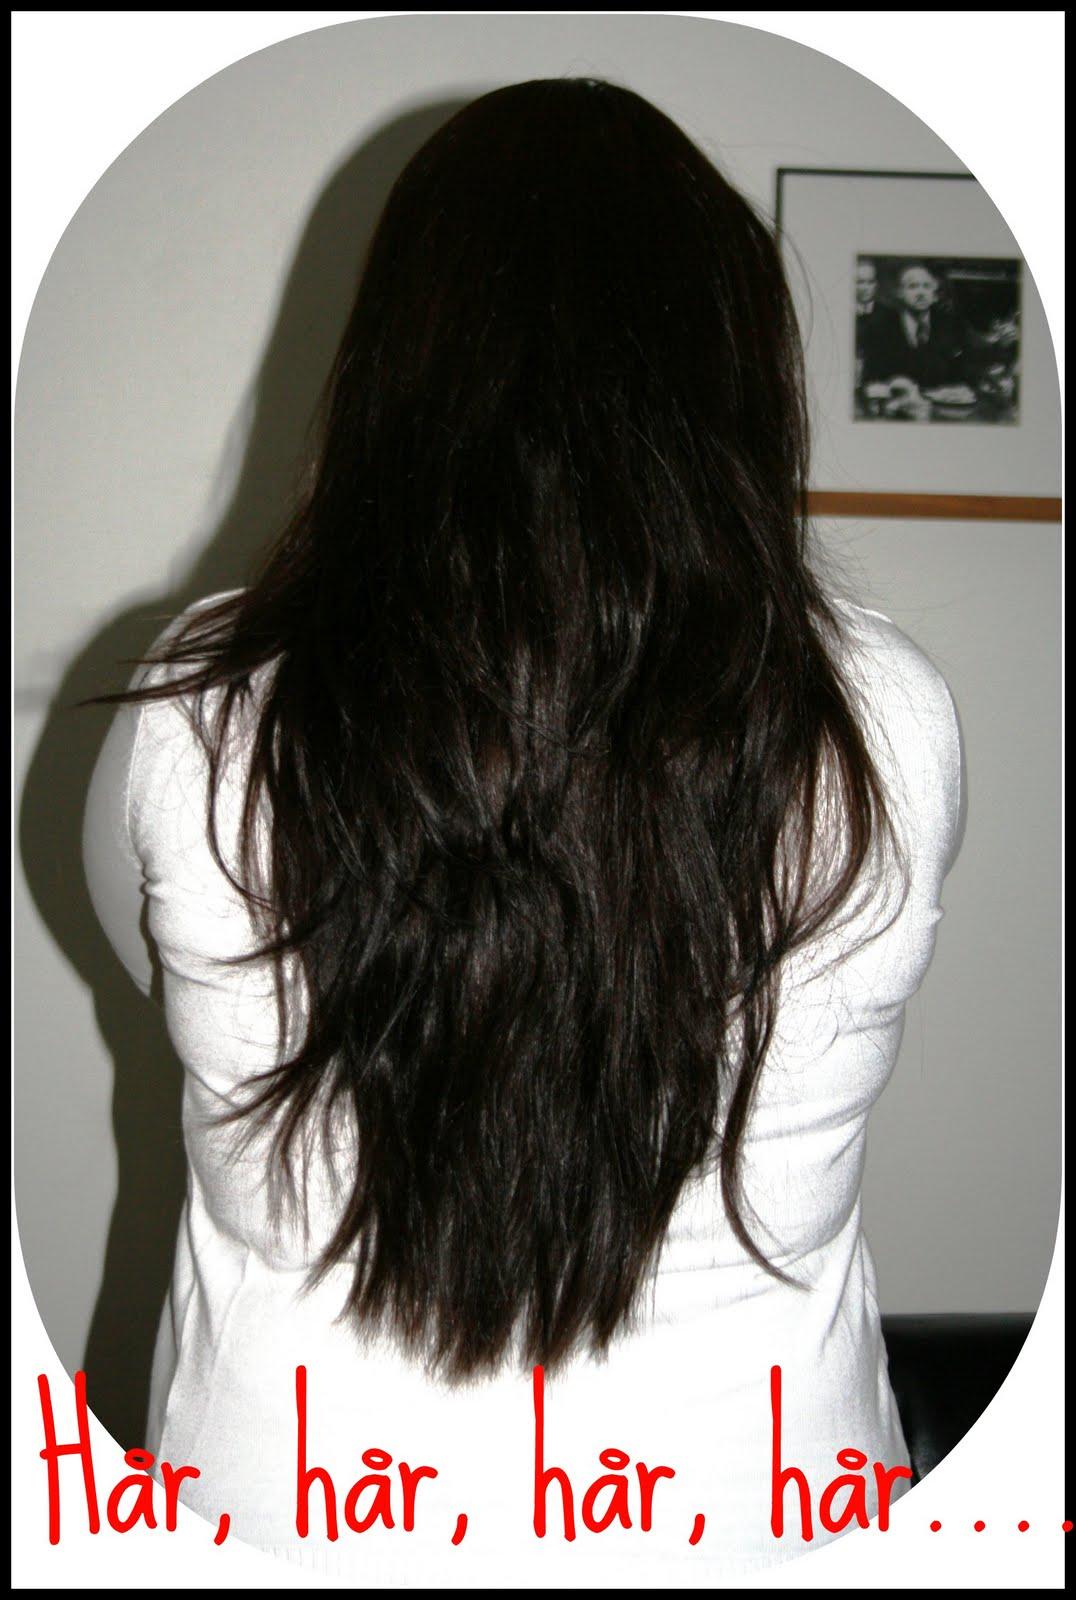 håret växer inte